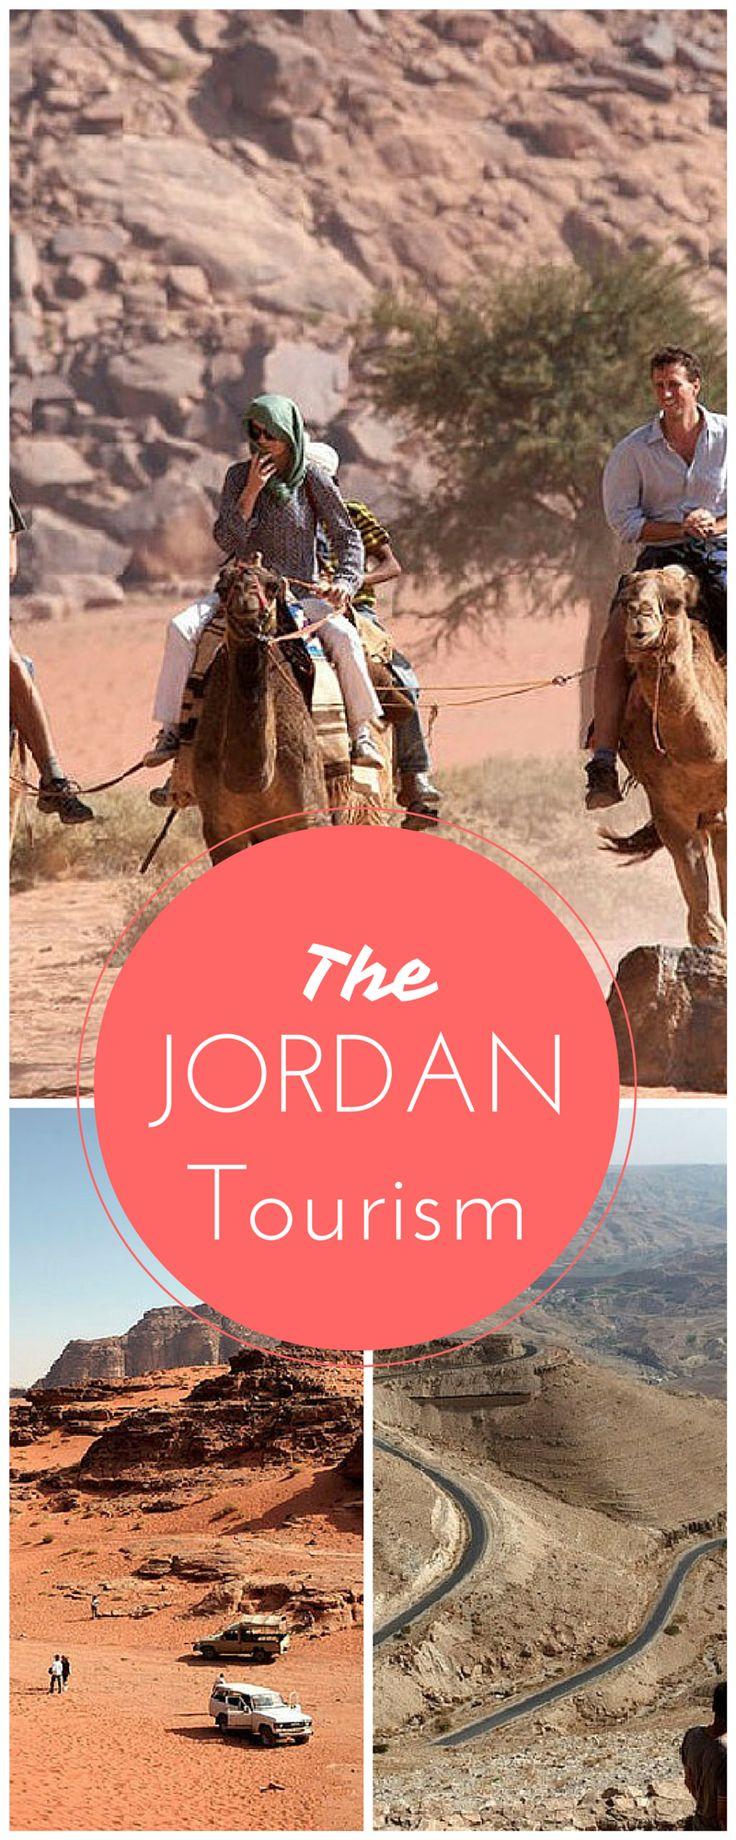 Let's go and explore Jordan.